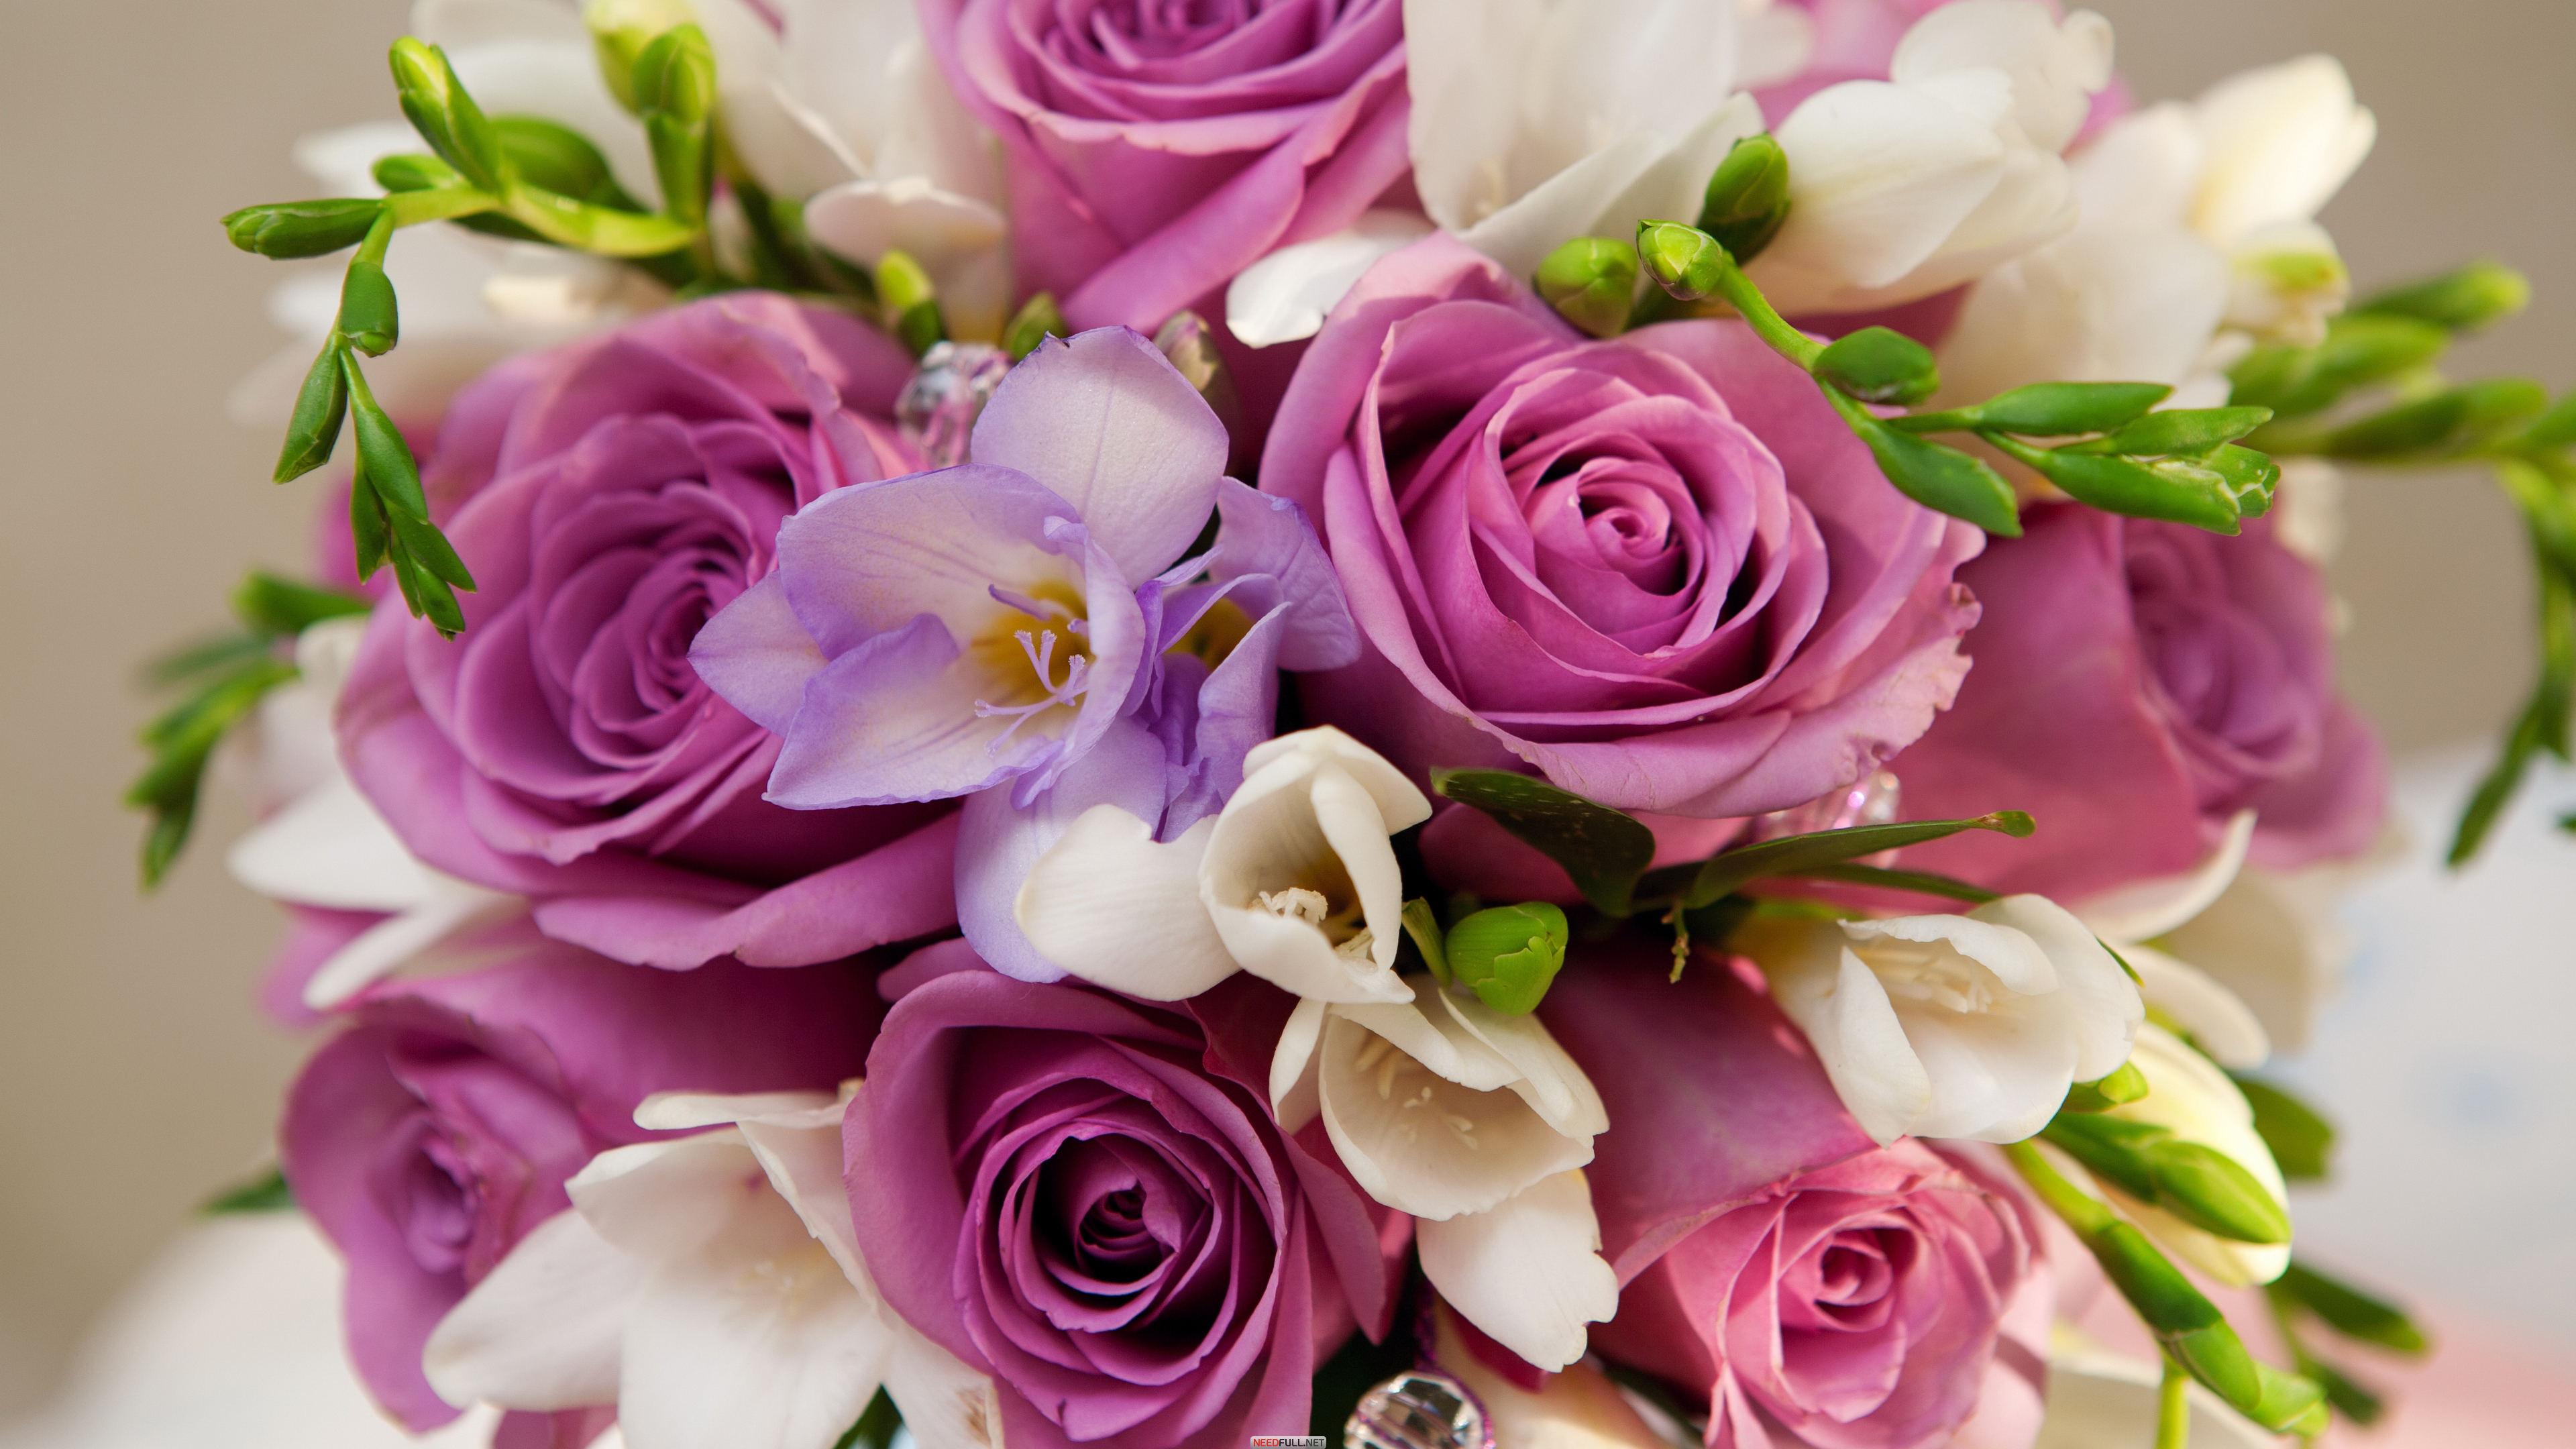 Flower bouquet  Wikipedia